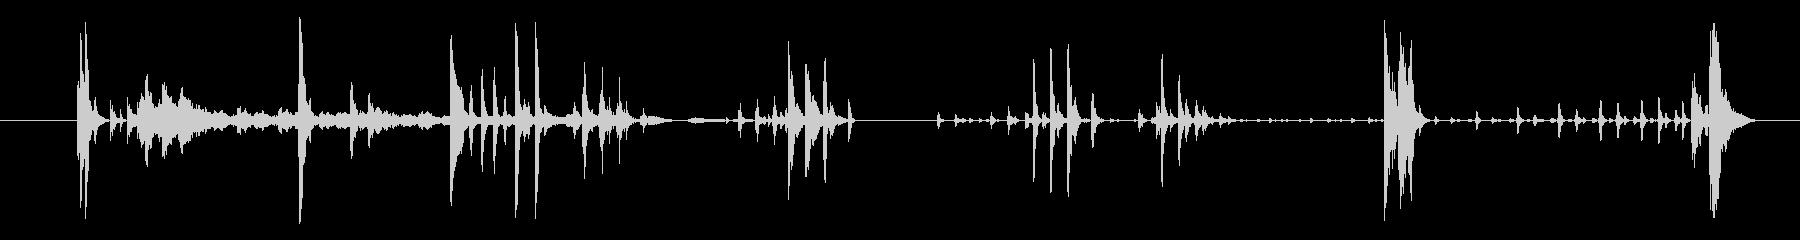 フィクション ロボット Rustl...の未再生の波形